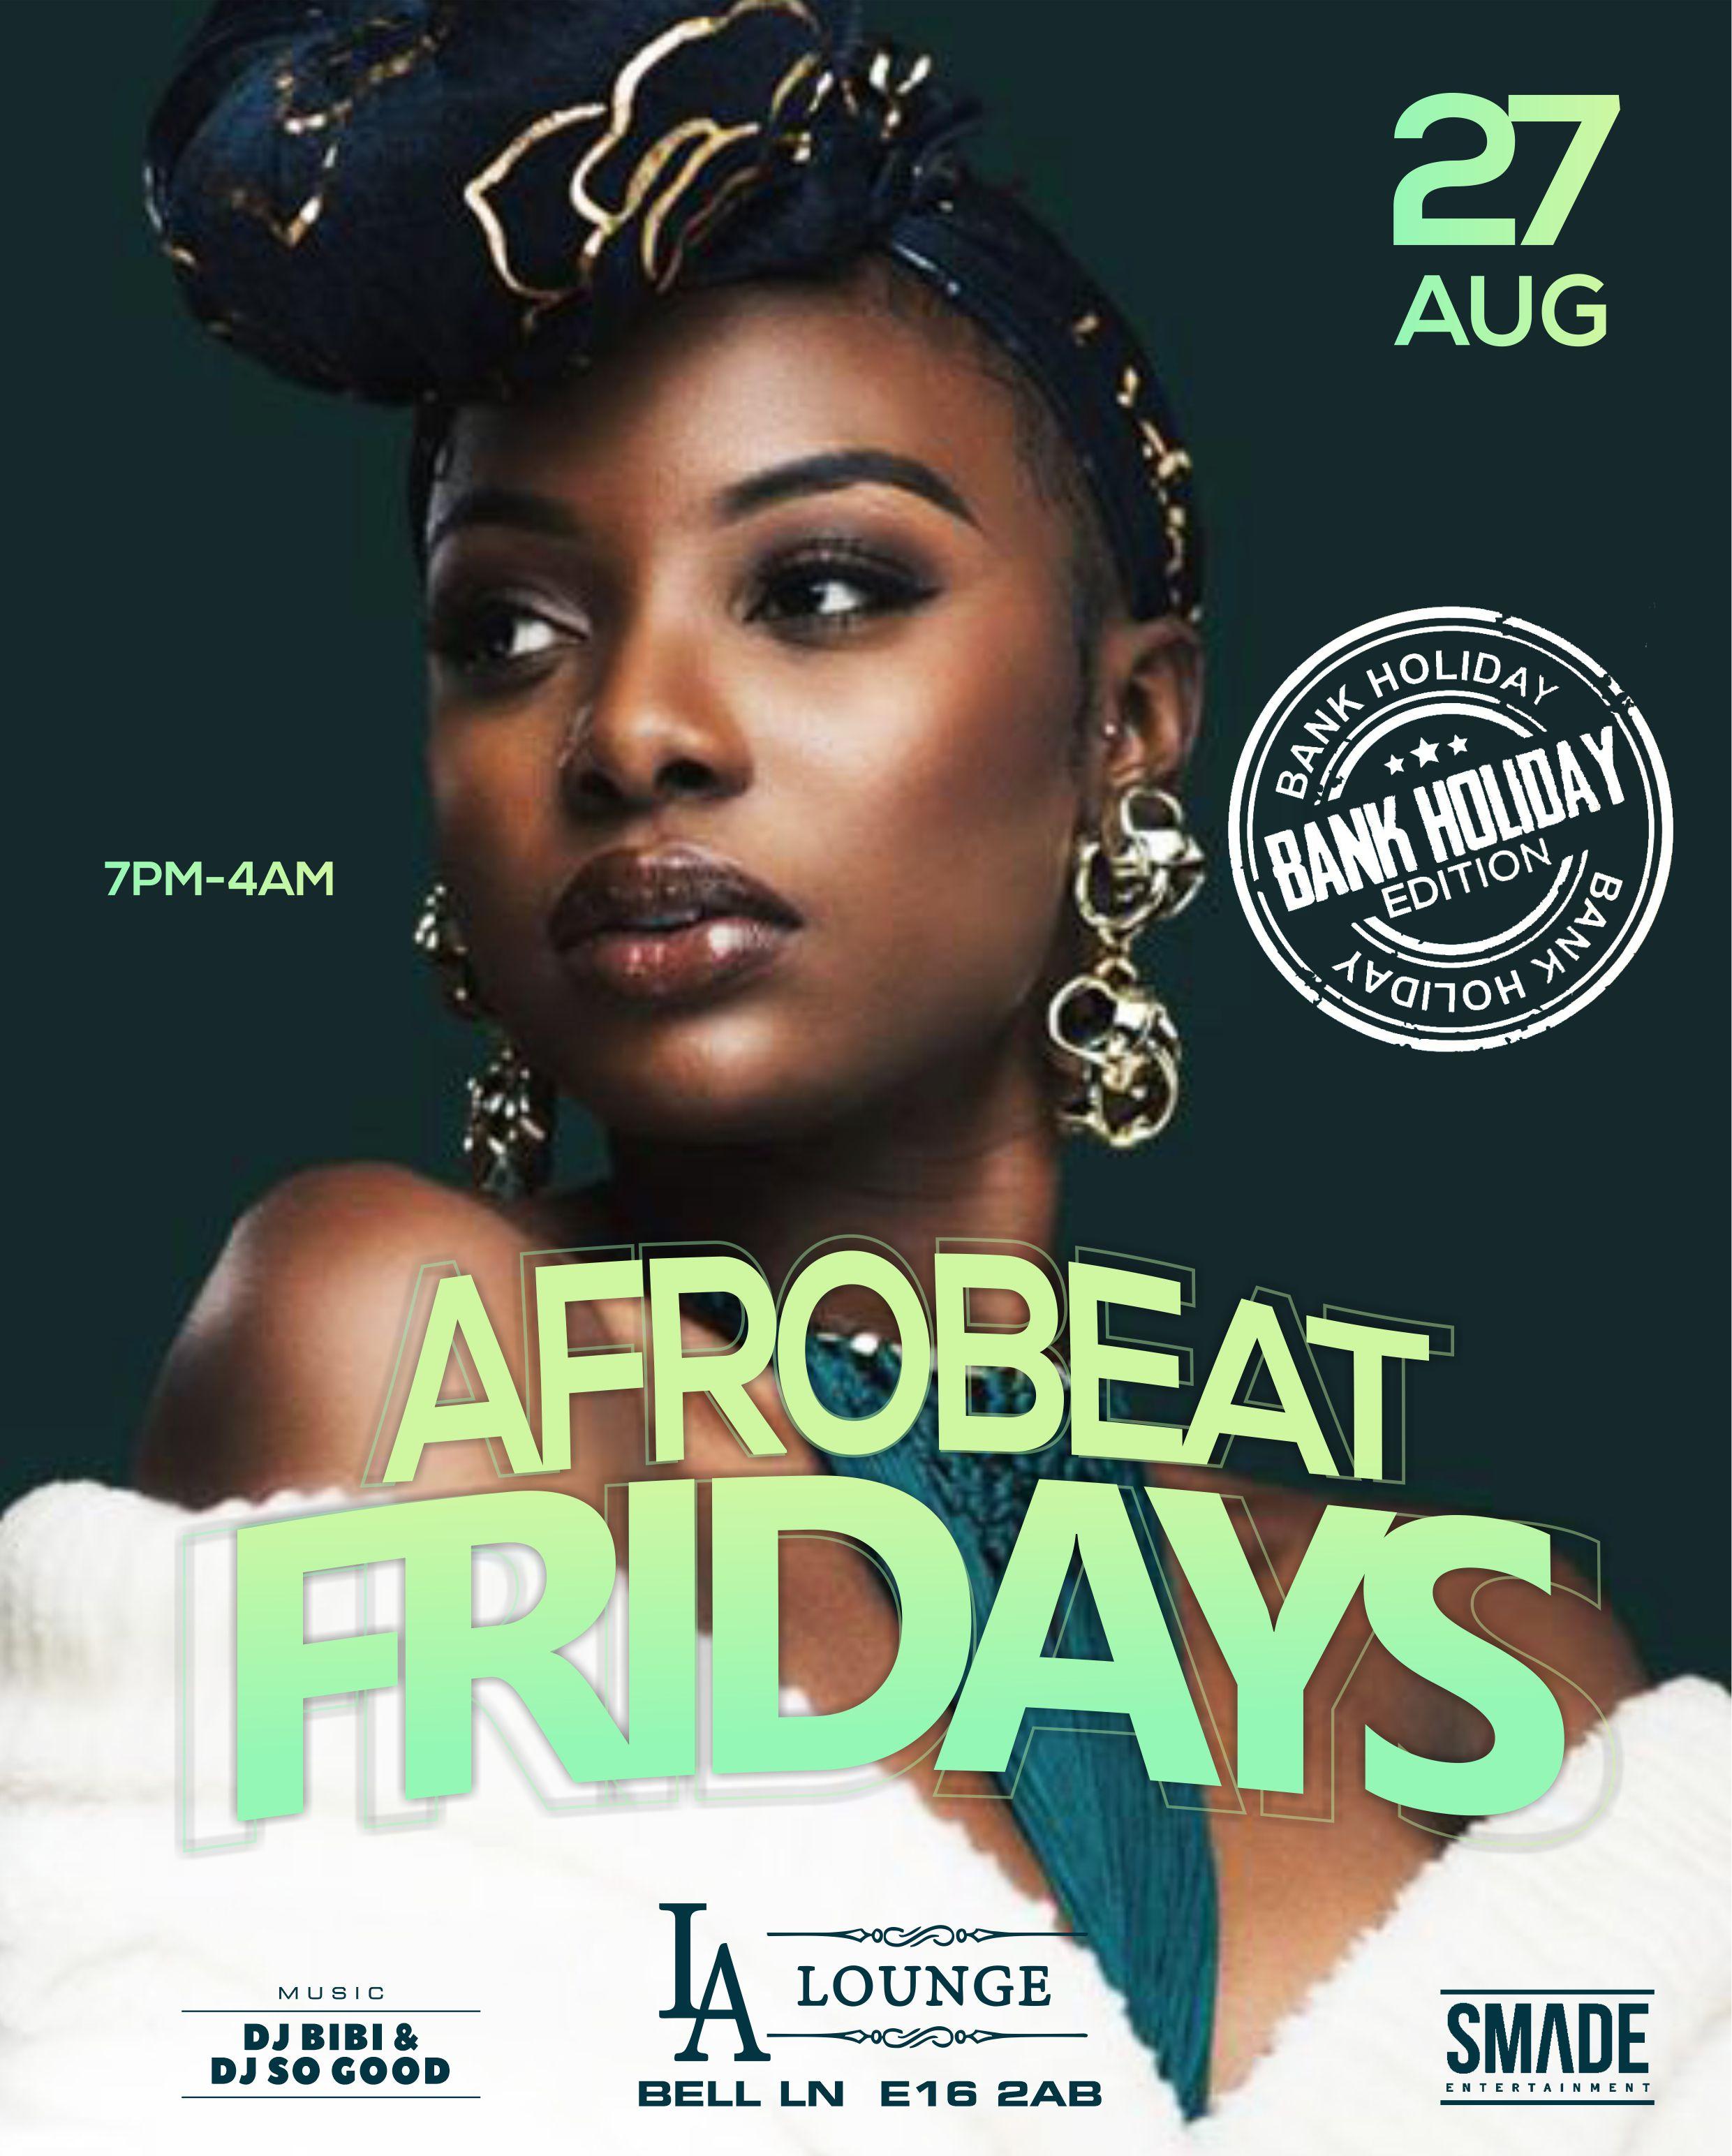 AfroBeat Fridays AUG 27 - Bank Holiday Friday